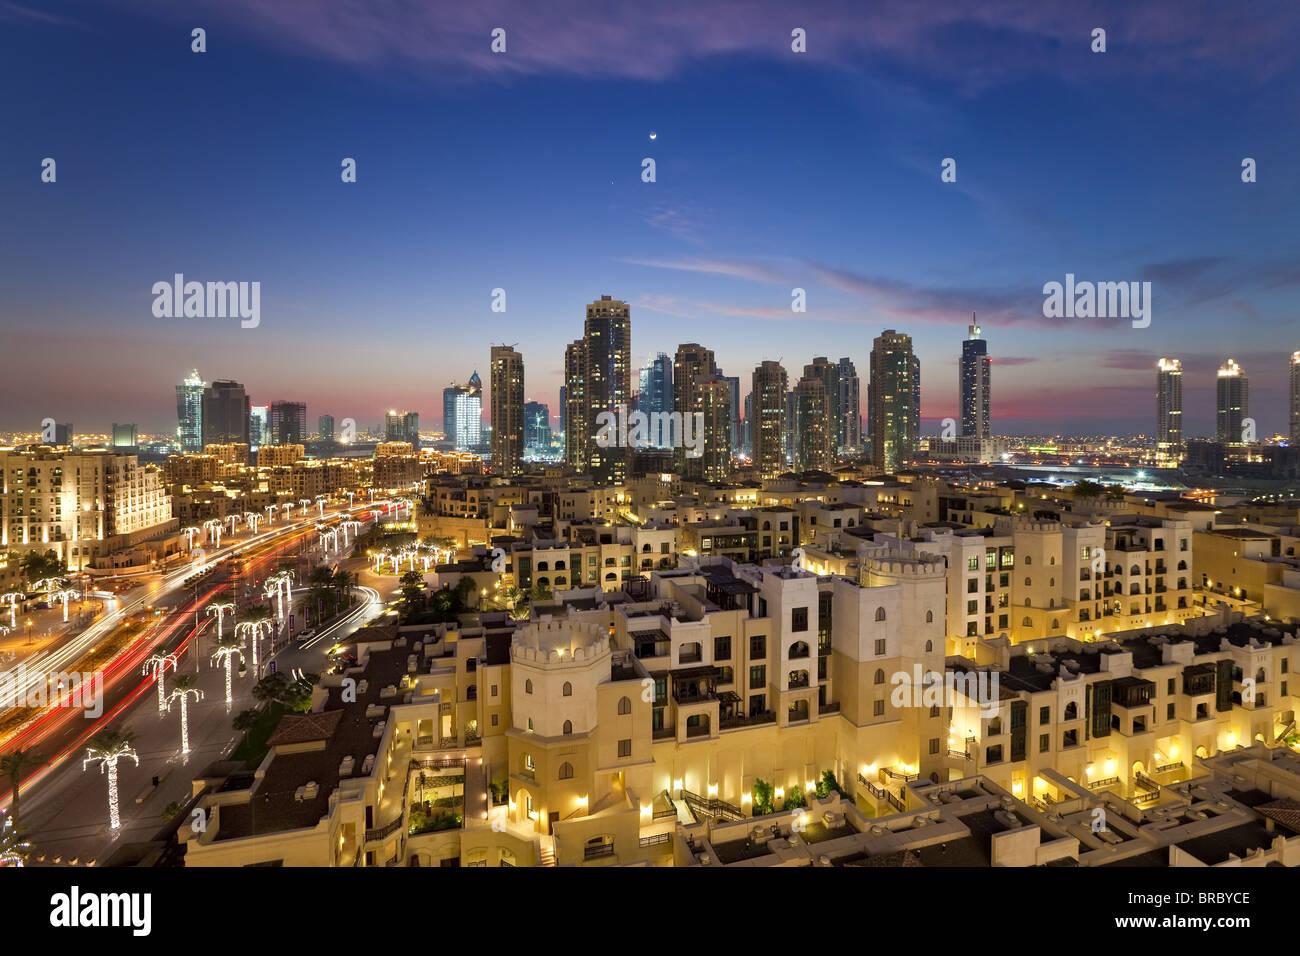 Das Palace Hotel auf dem Gelände des Burj Khalifa Park in Richtung der hohen betrachtet erhebt sich der Bereich Stockbild